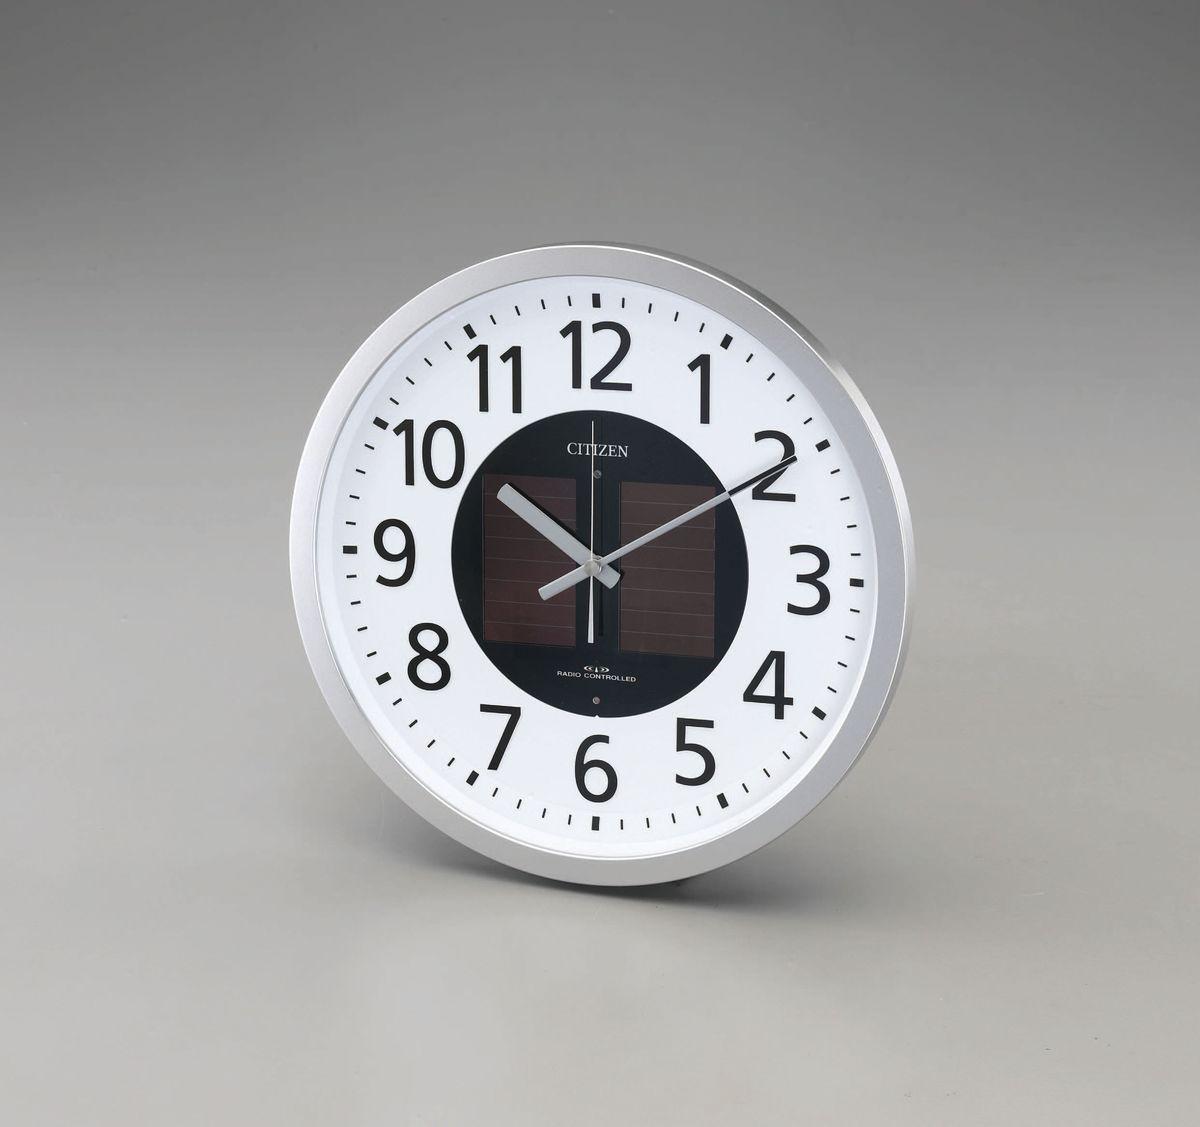 【メーカー在庫あり】 エスコ ESCO φ350mm 電波掛時計 ソーラー電源 000012240282 HD